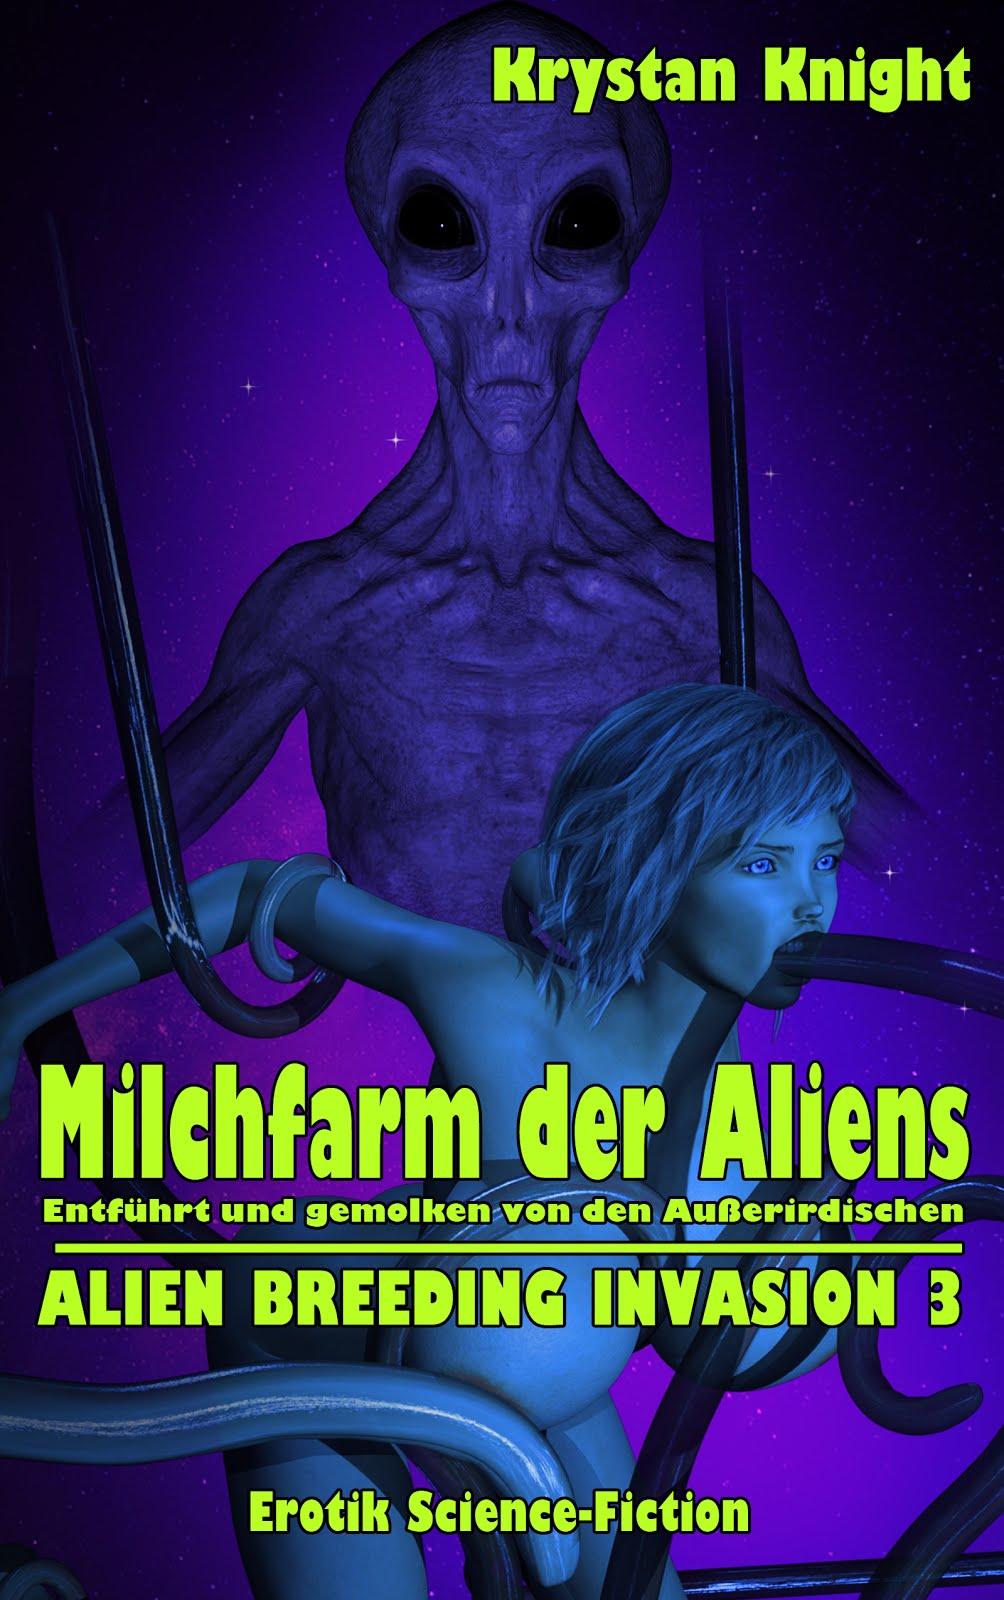 Alien Breeding Invasion 3